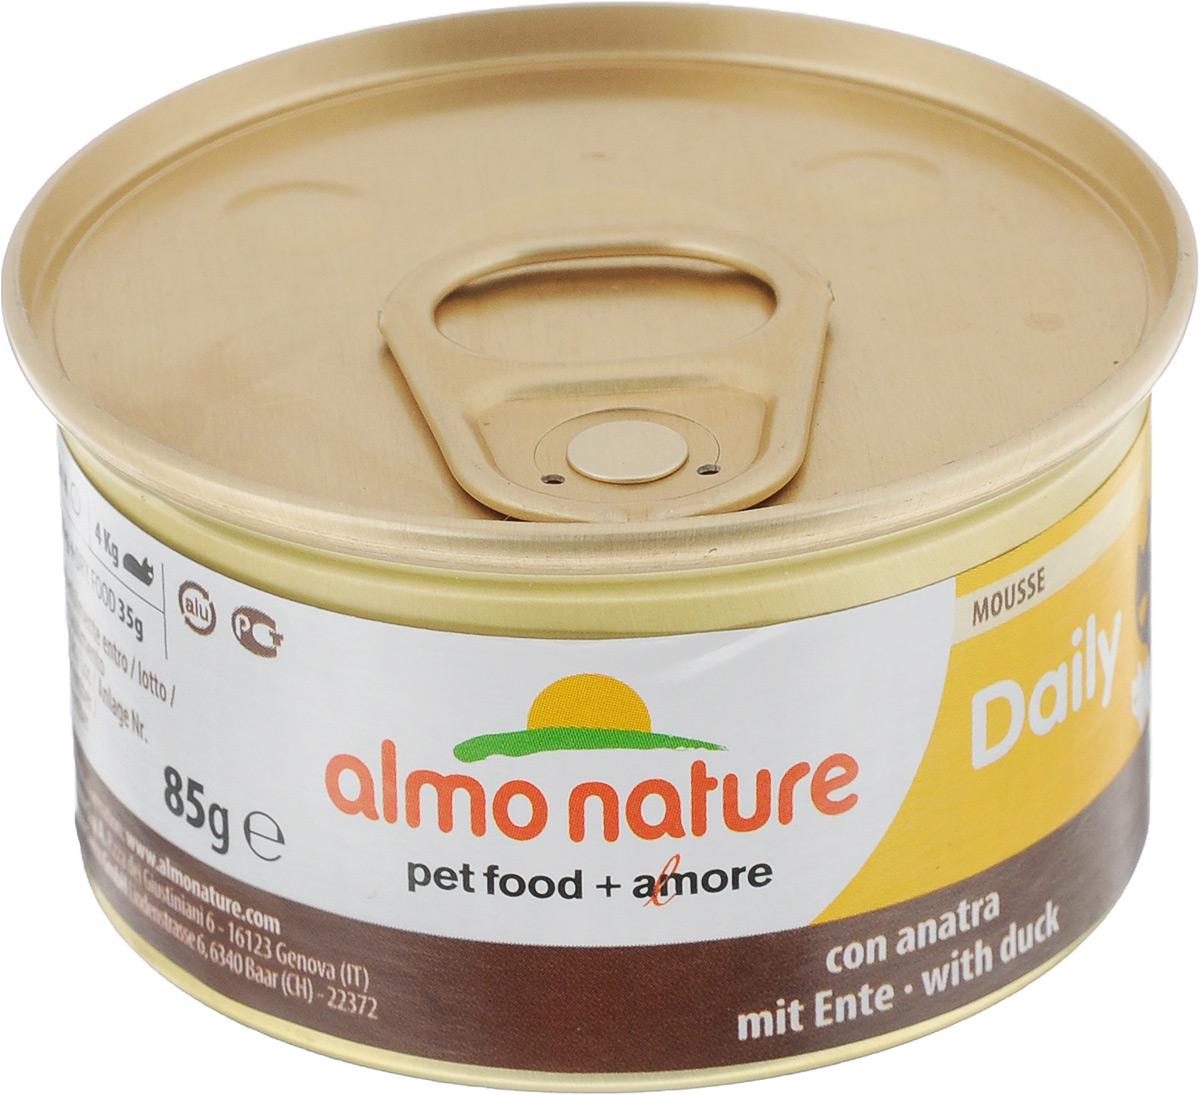 Консервы для кошек Almo Nature, нежный мусс с уткой, 85 г0120710Консервы для кошек Almo Nature сохраняют свежесть каждого кусочка. Корм изготовлен только из свежих высококачественных натуральных ингредиентов, что обеспечивает здоровье вашей кошки. Не содержит ГМО, антибиотиков, химических добавок, консервантов и красителей.Состав: мясо и его производные (утка 4%), минералы, экстракт растительных волокон. Добавки: витамин A 1110 IU/кг, витамин D3 140 IU/кг, витамин E 10 мг/кг, таурин 490 мг/кг, сульфат меди пентагидрат 4,4 мг/кг (Cu 1.1 мг/кг).Технологические добавки: камедь кассии 3000 мг/кг. Пищевая ценность: белки 9,5%, клетчатка 0,4%, масла и жиры 6%, зола 2%, влажность 81%.Калорийность: 881 килокалорий/кг. Товар сертифицирован.